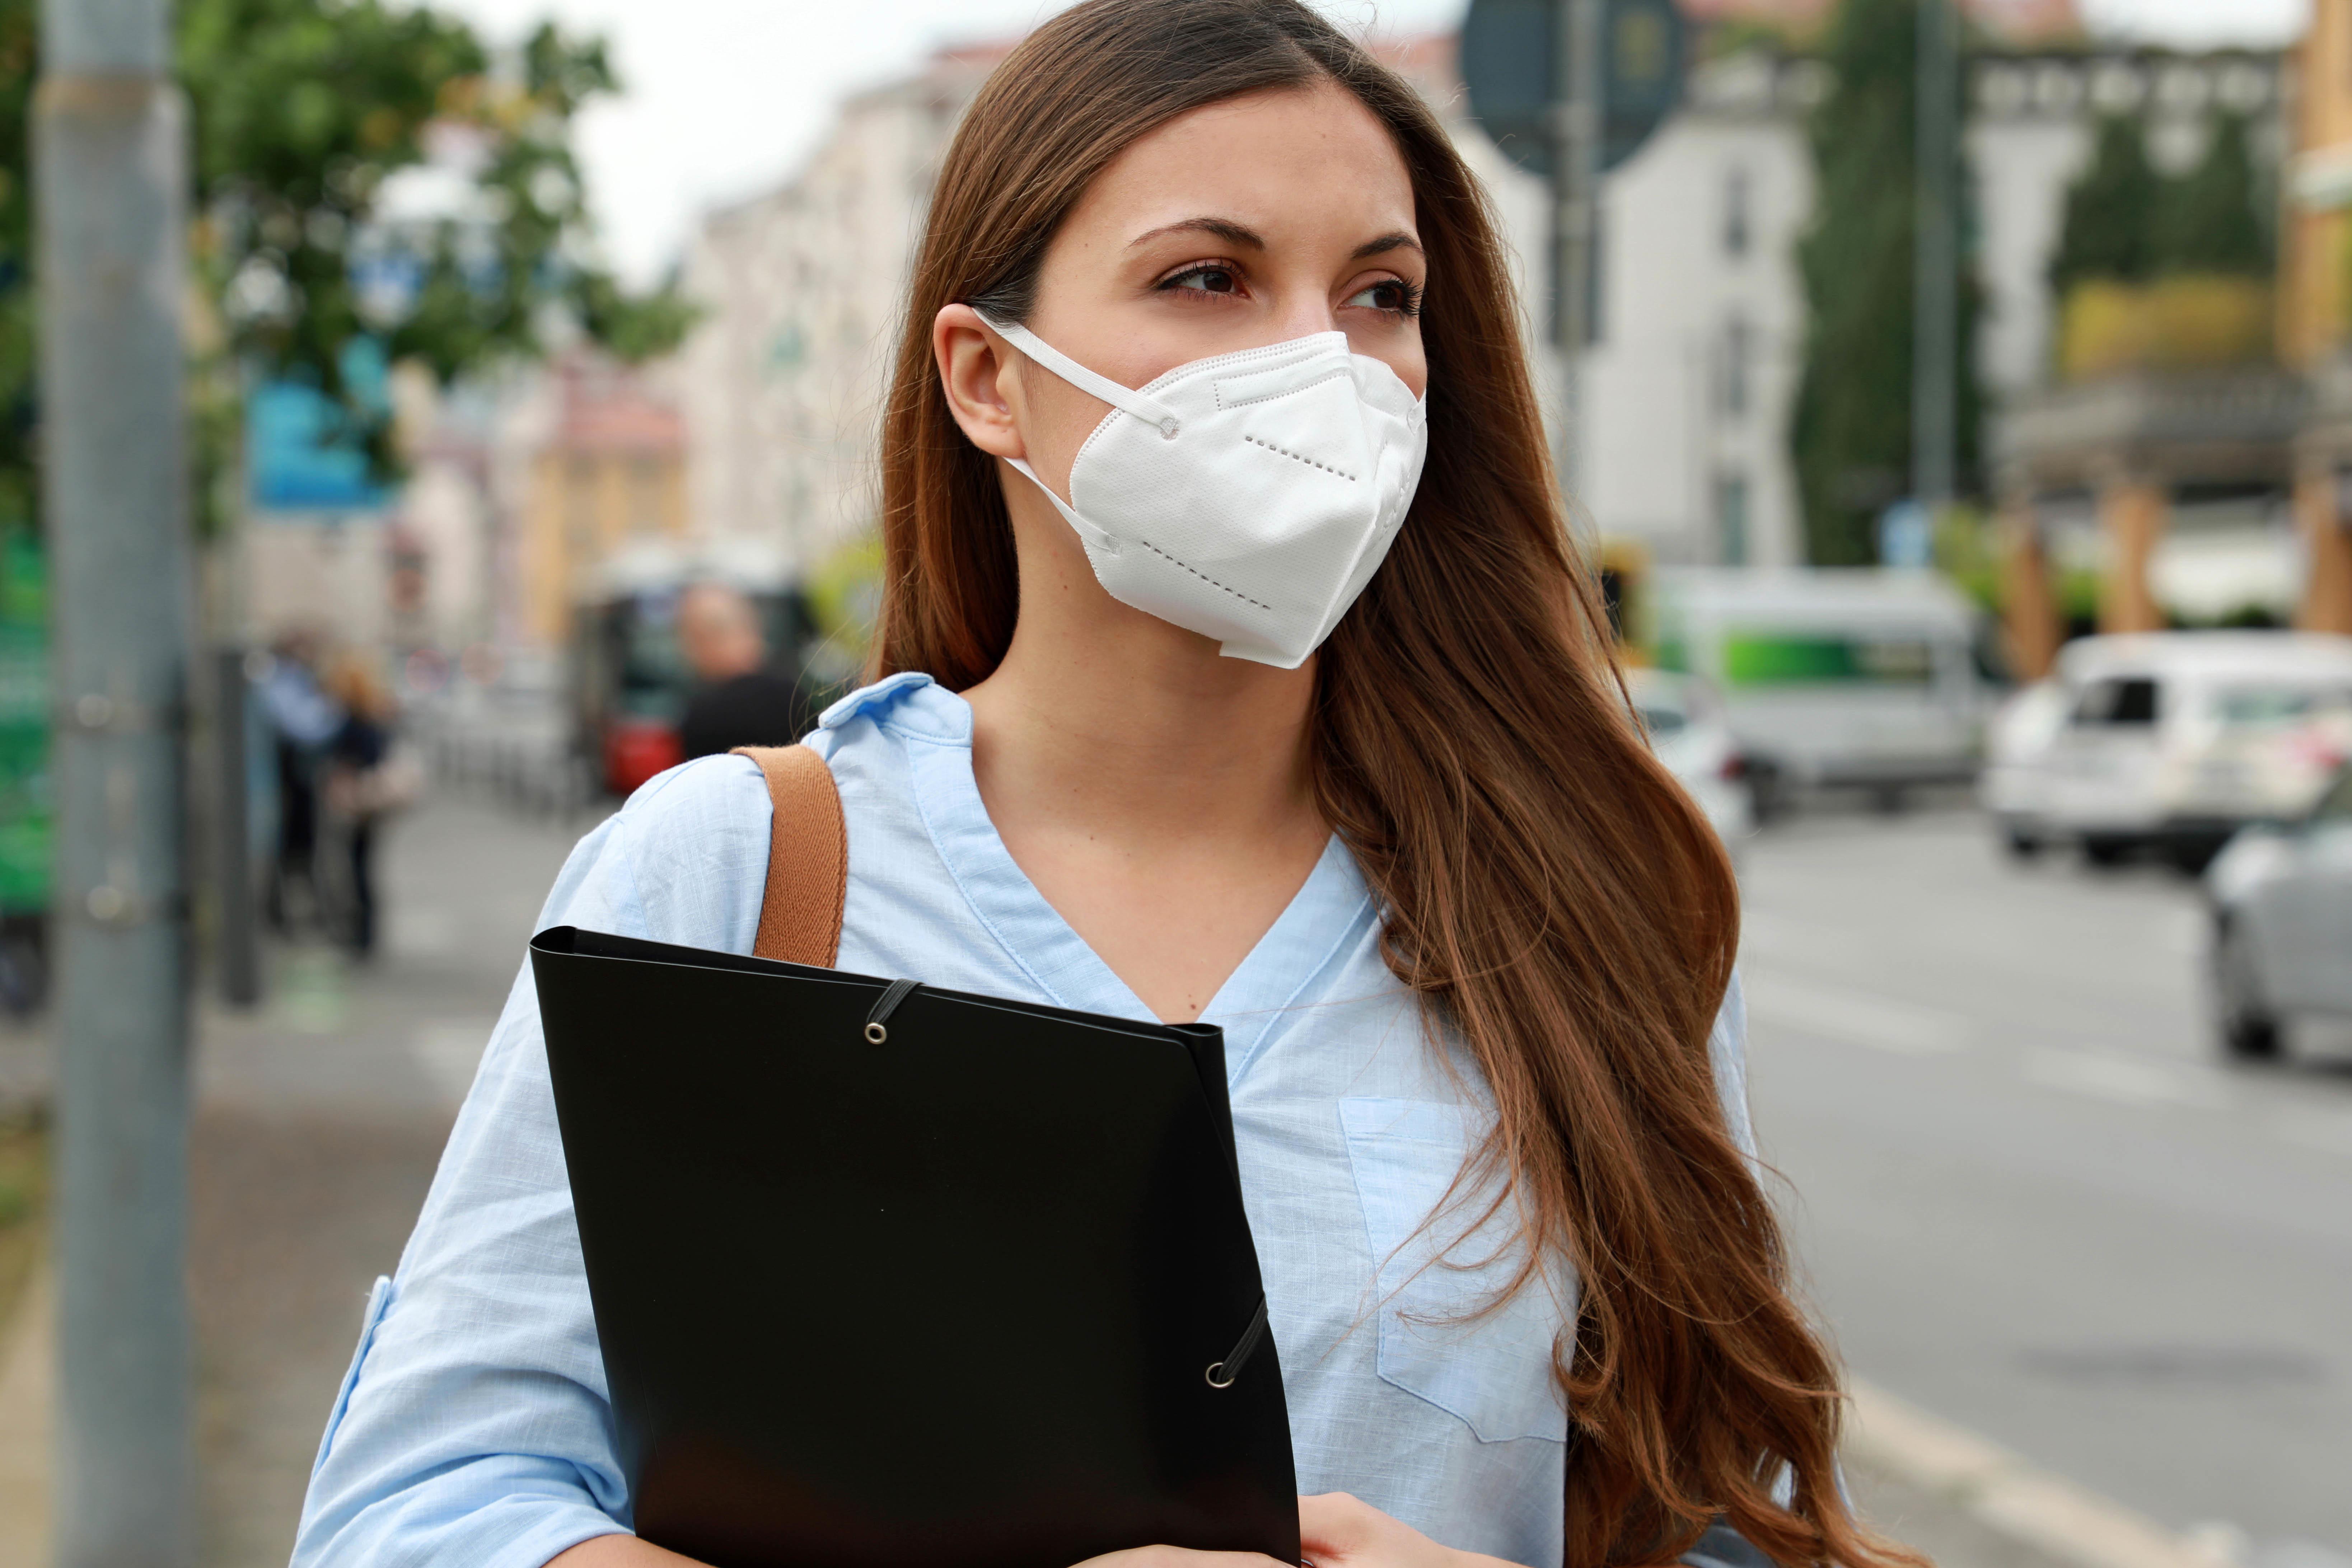 Les masques faciaux sont peu susceptibles de provoquer une surexposition au CO2, même chez les patients atteints d'une maladie pulmonaire (Visuel Adobe Stock 347373223)